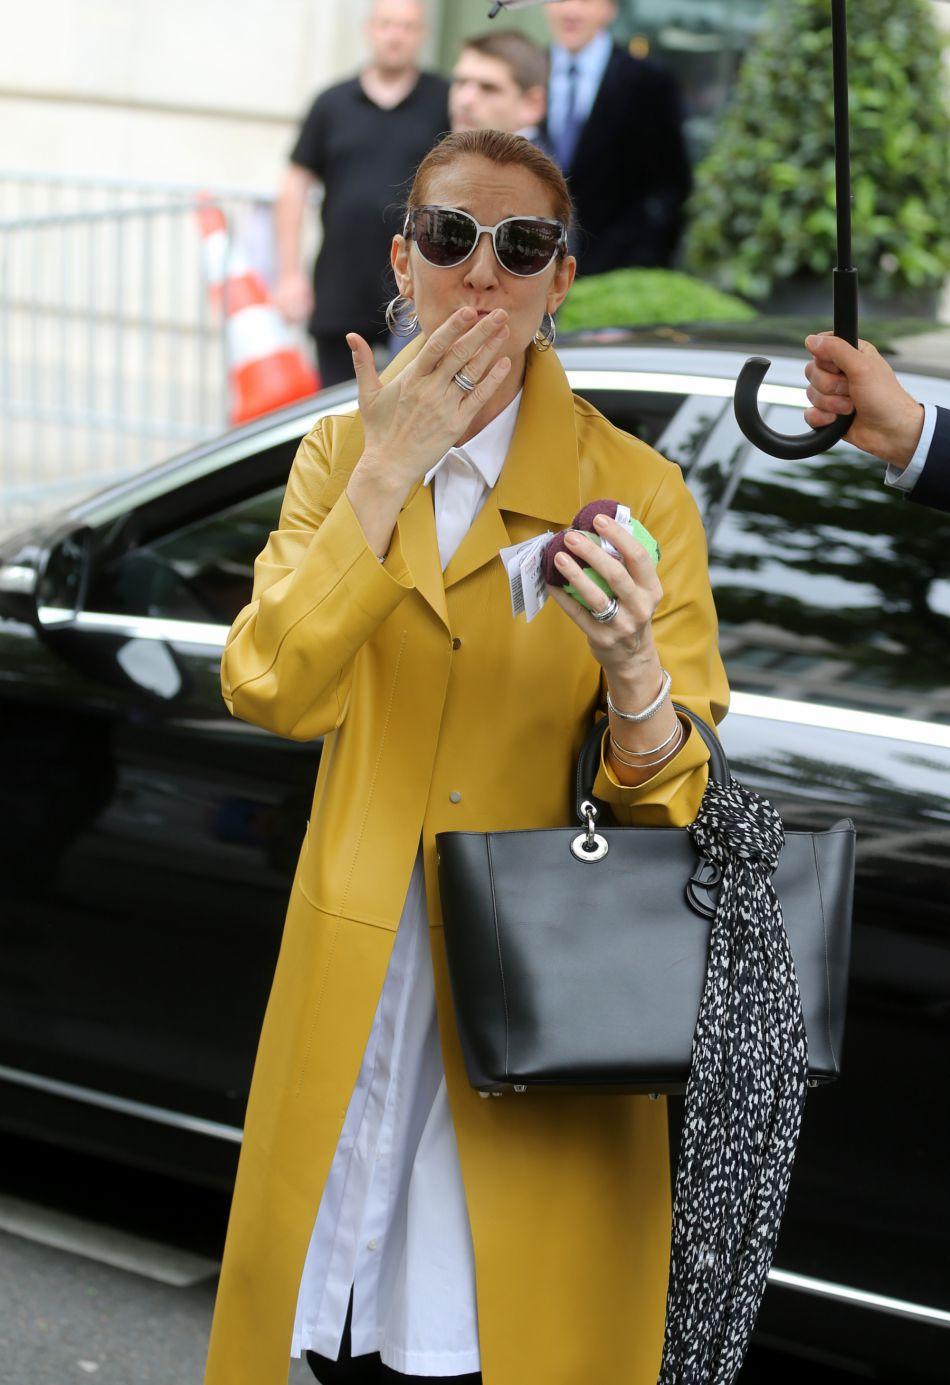 Depuis son arrivée à Paris, Céline Dion exhibe le travail de son nouveau styliste.